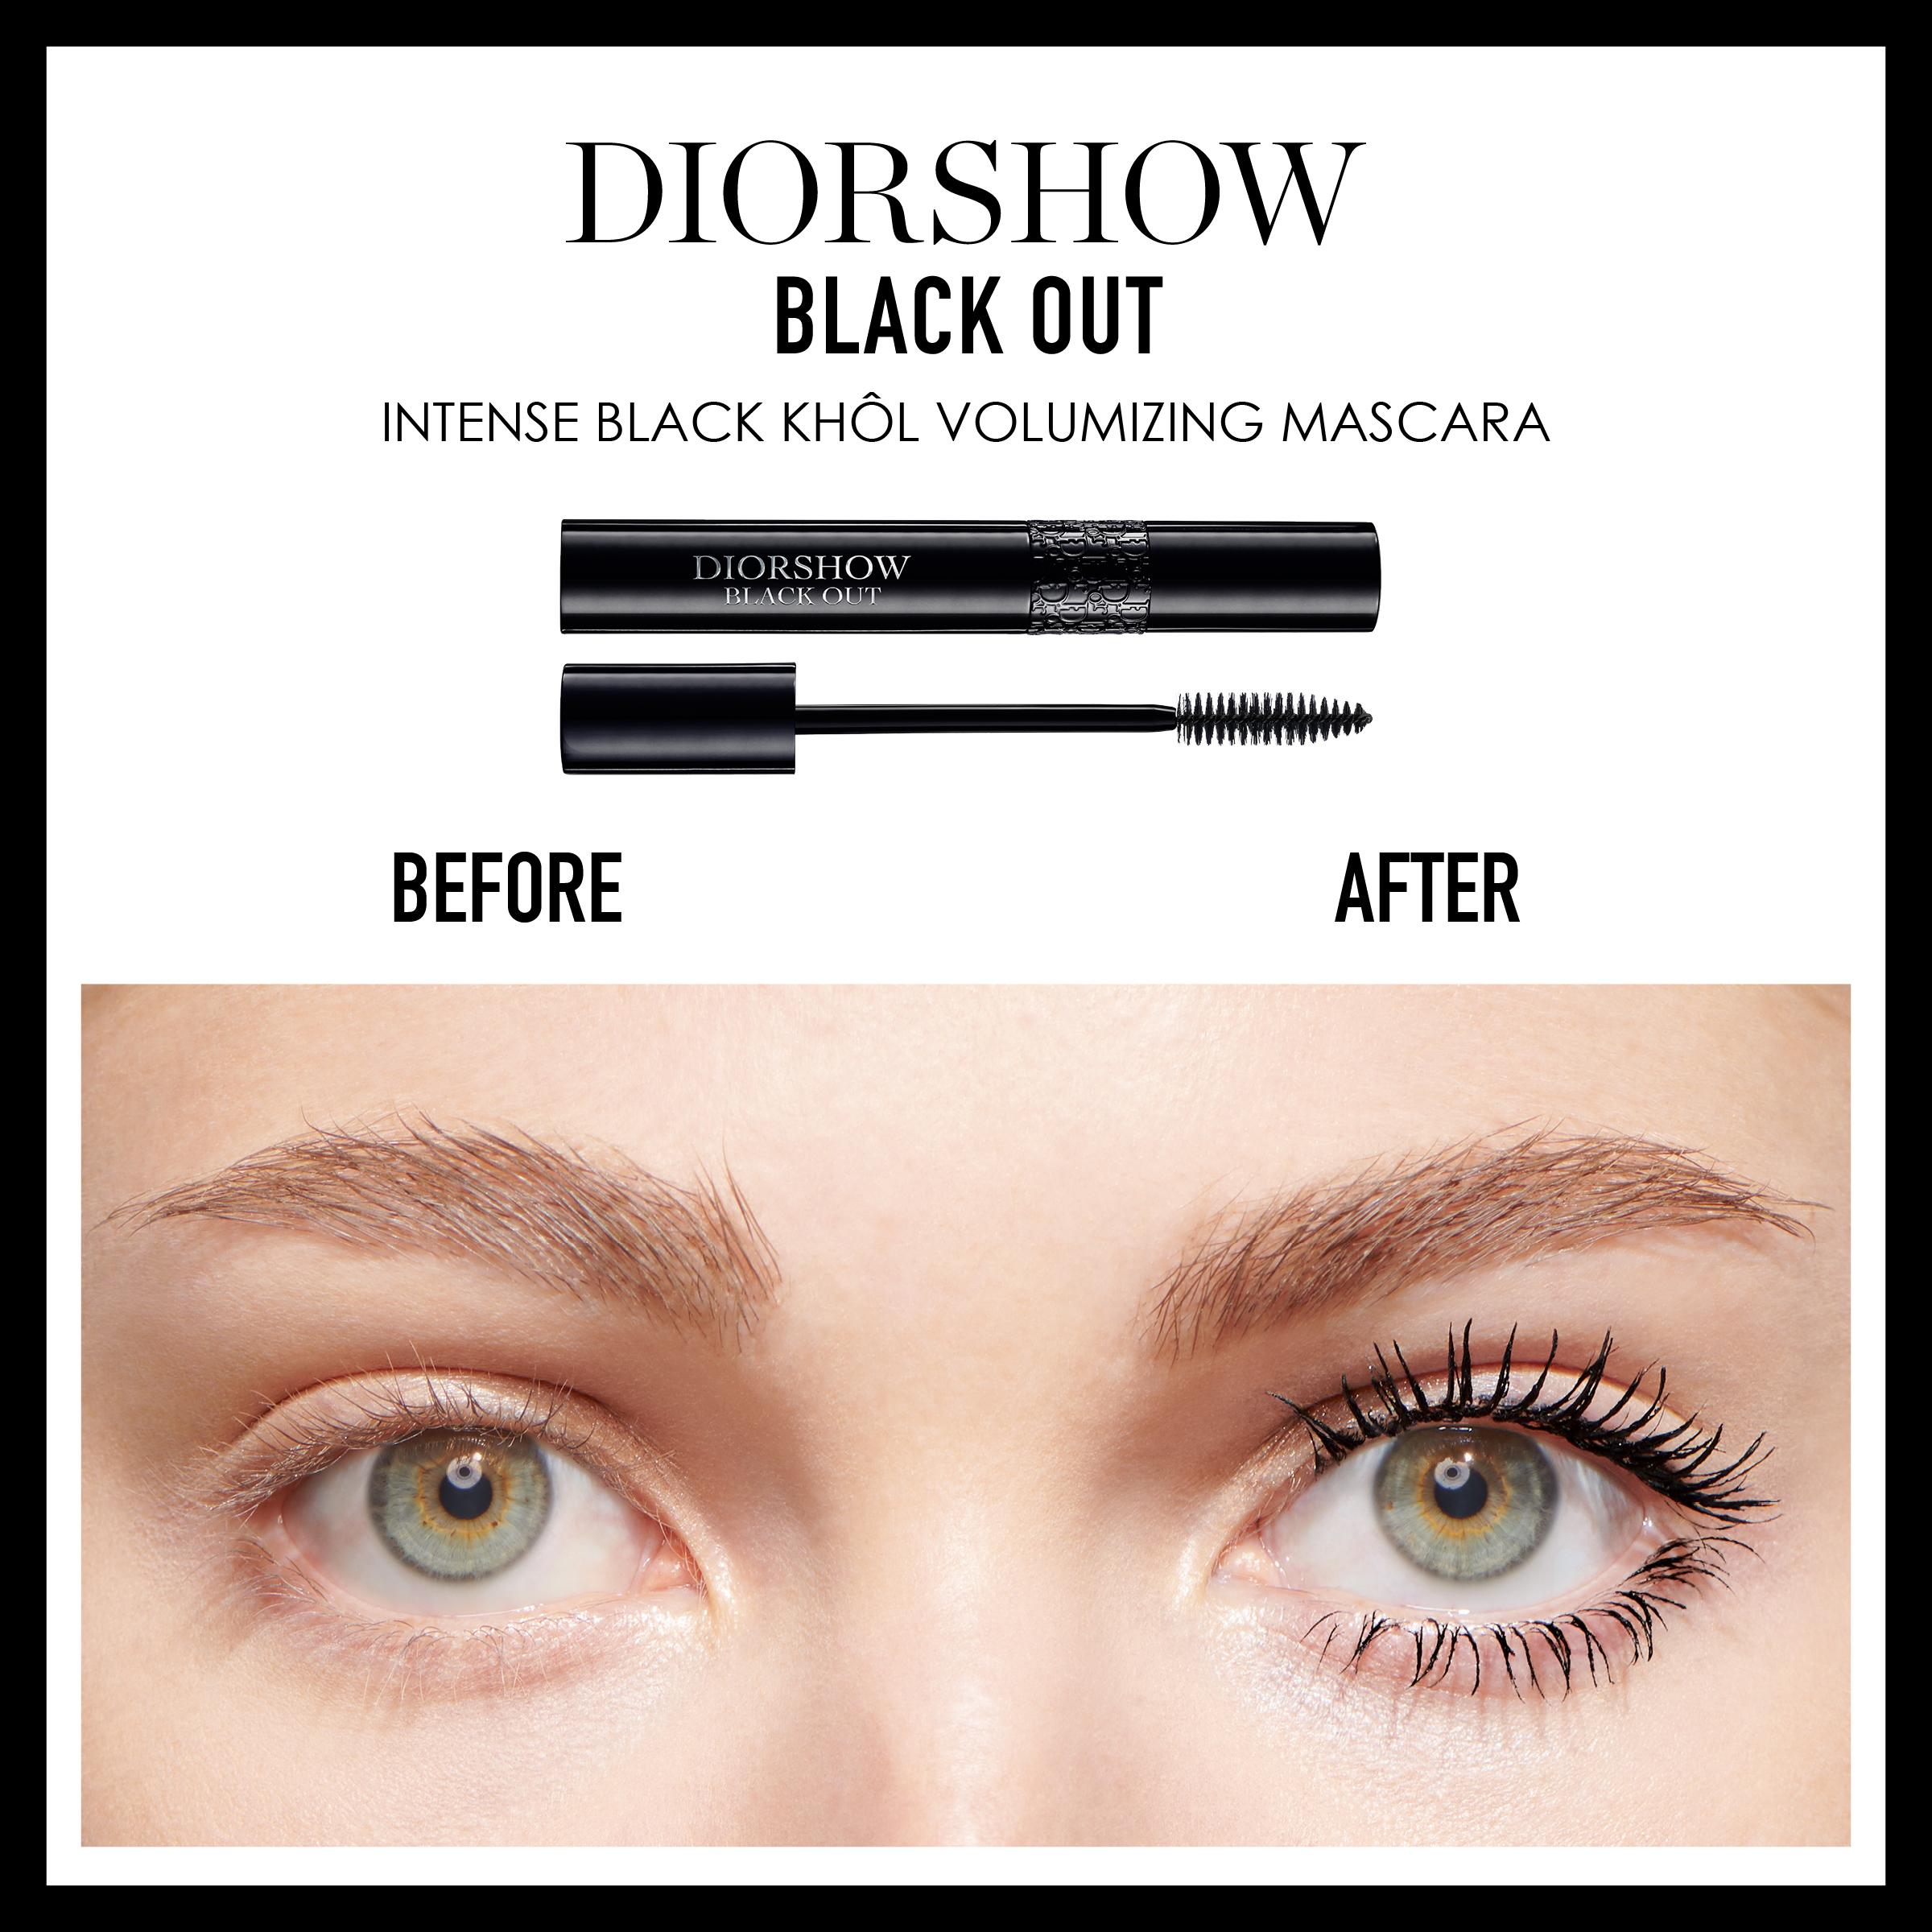 DIOR Diorshow Blackout Waterproof Mascara, 099 Kohl Black